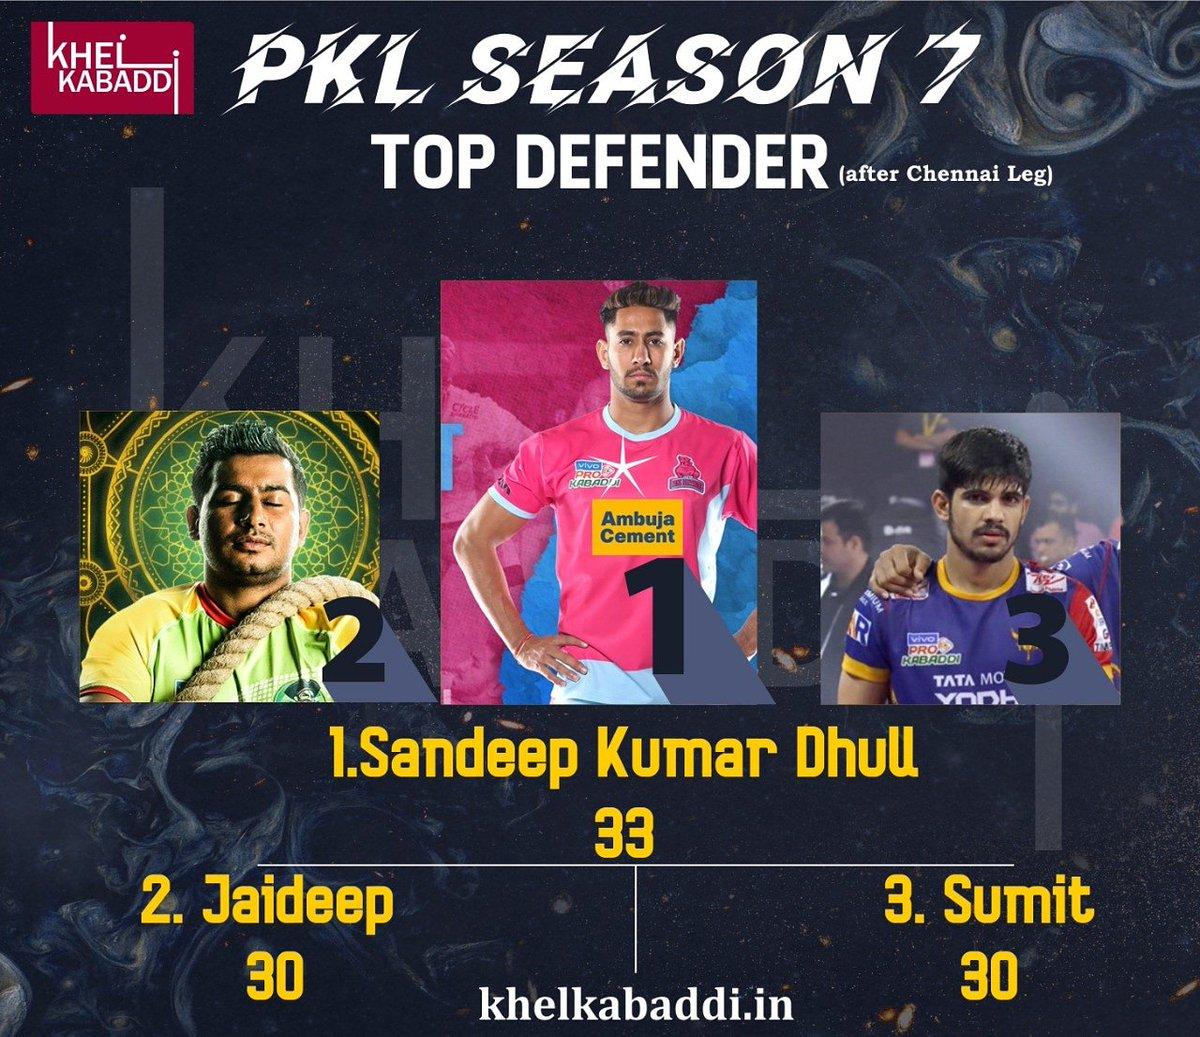 Top Defenders After Chennai Leg #SandeepDhull #JaideepSharma #Sumit #Kabaddi #TopDefenders #ProKabaddi #khelkabaddi